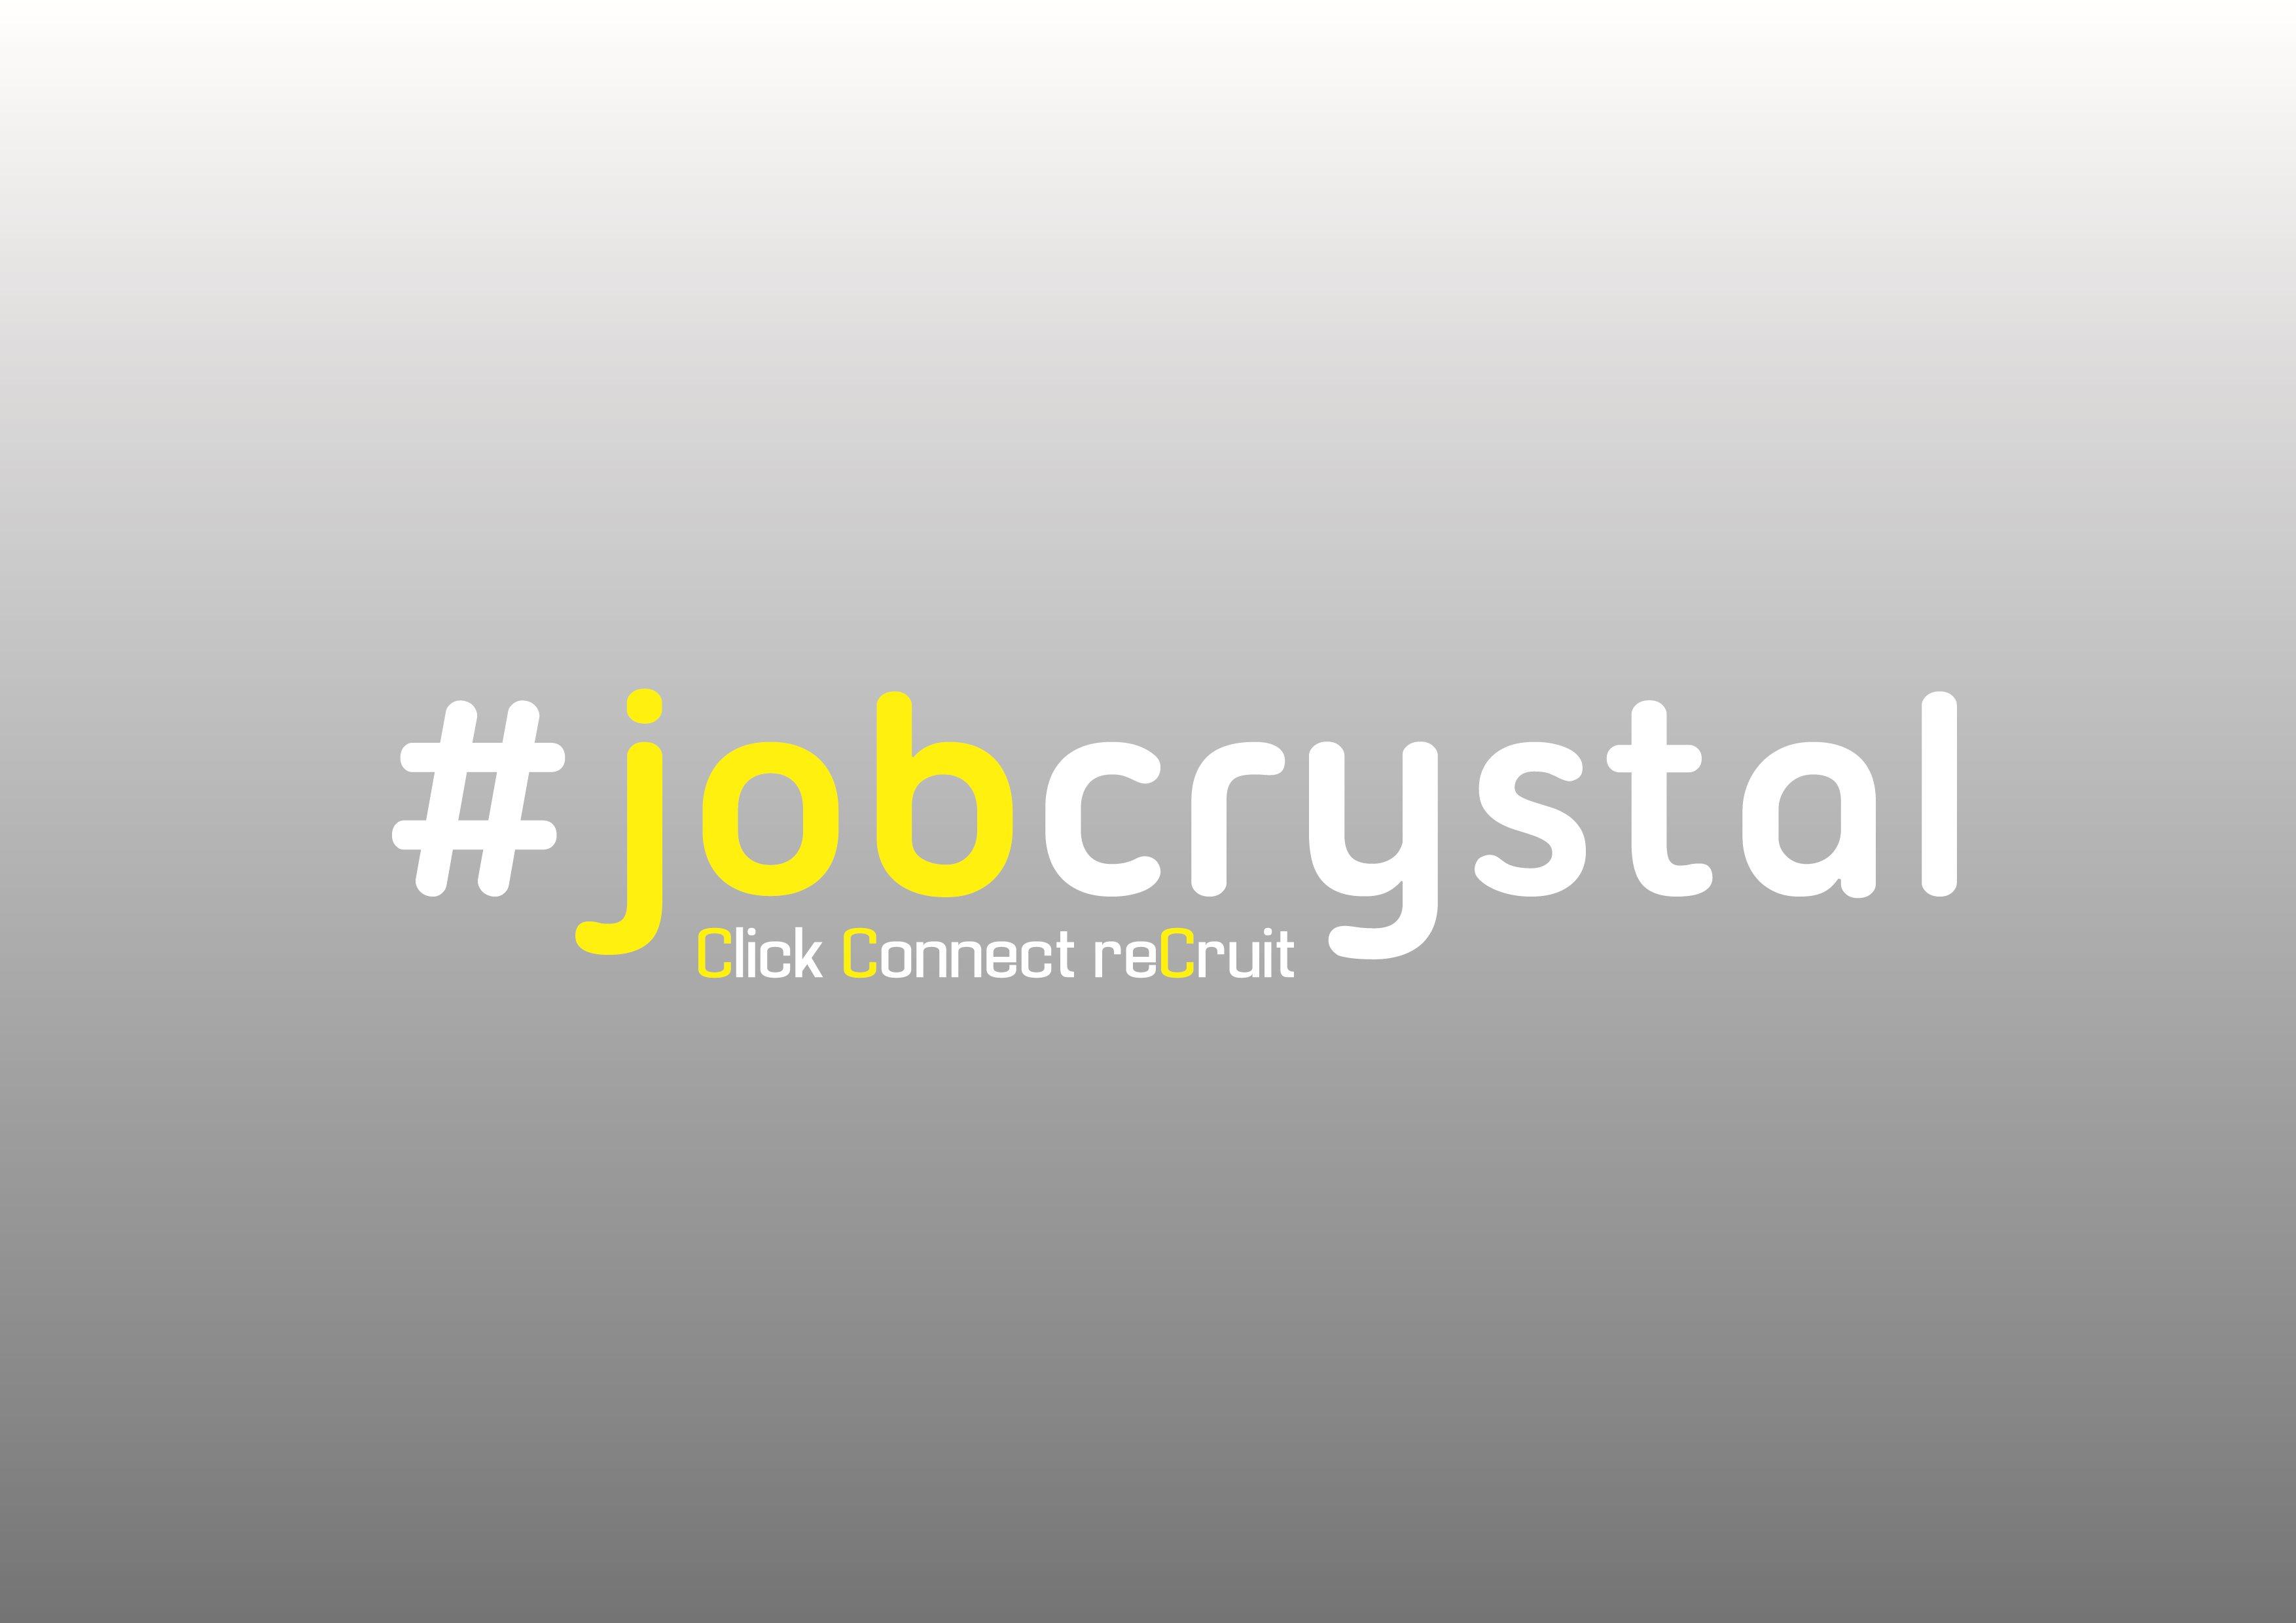 Job Crystal